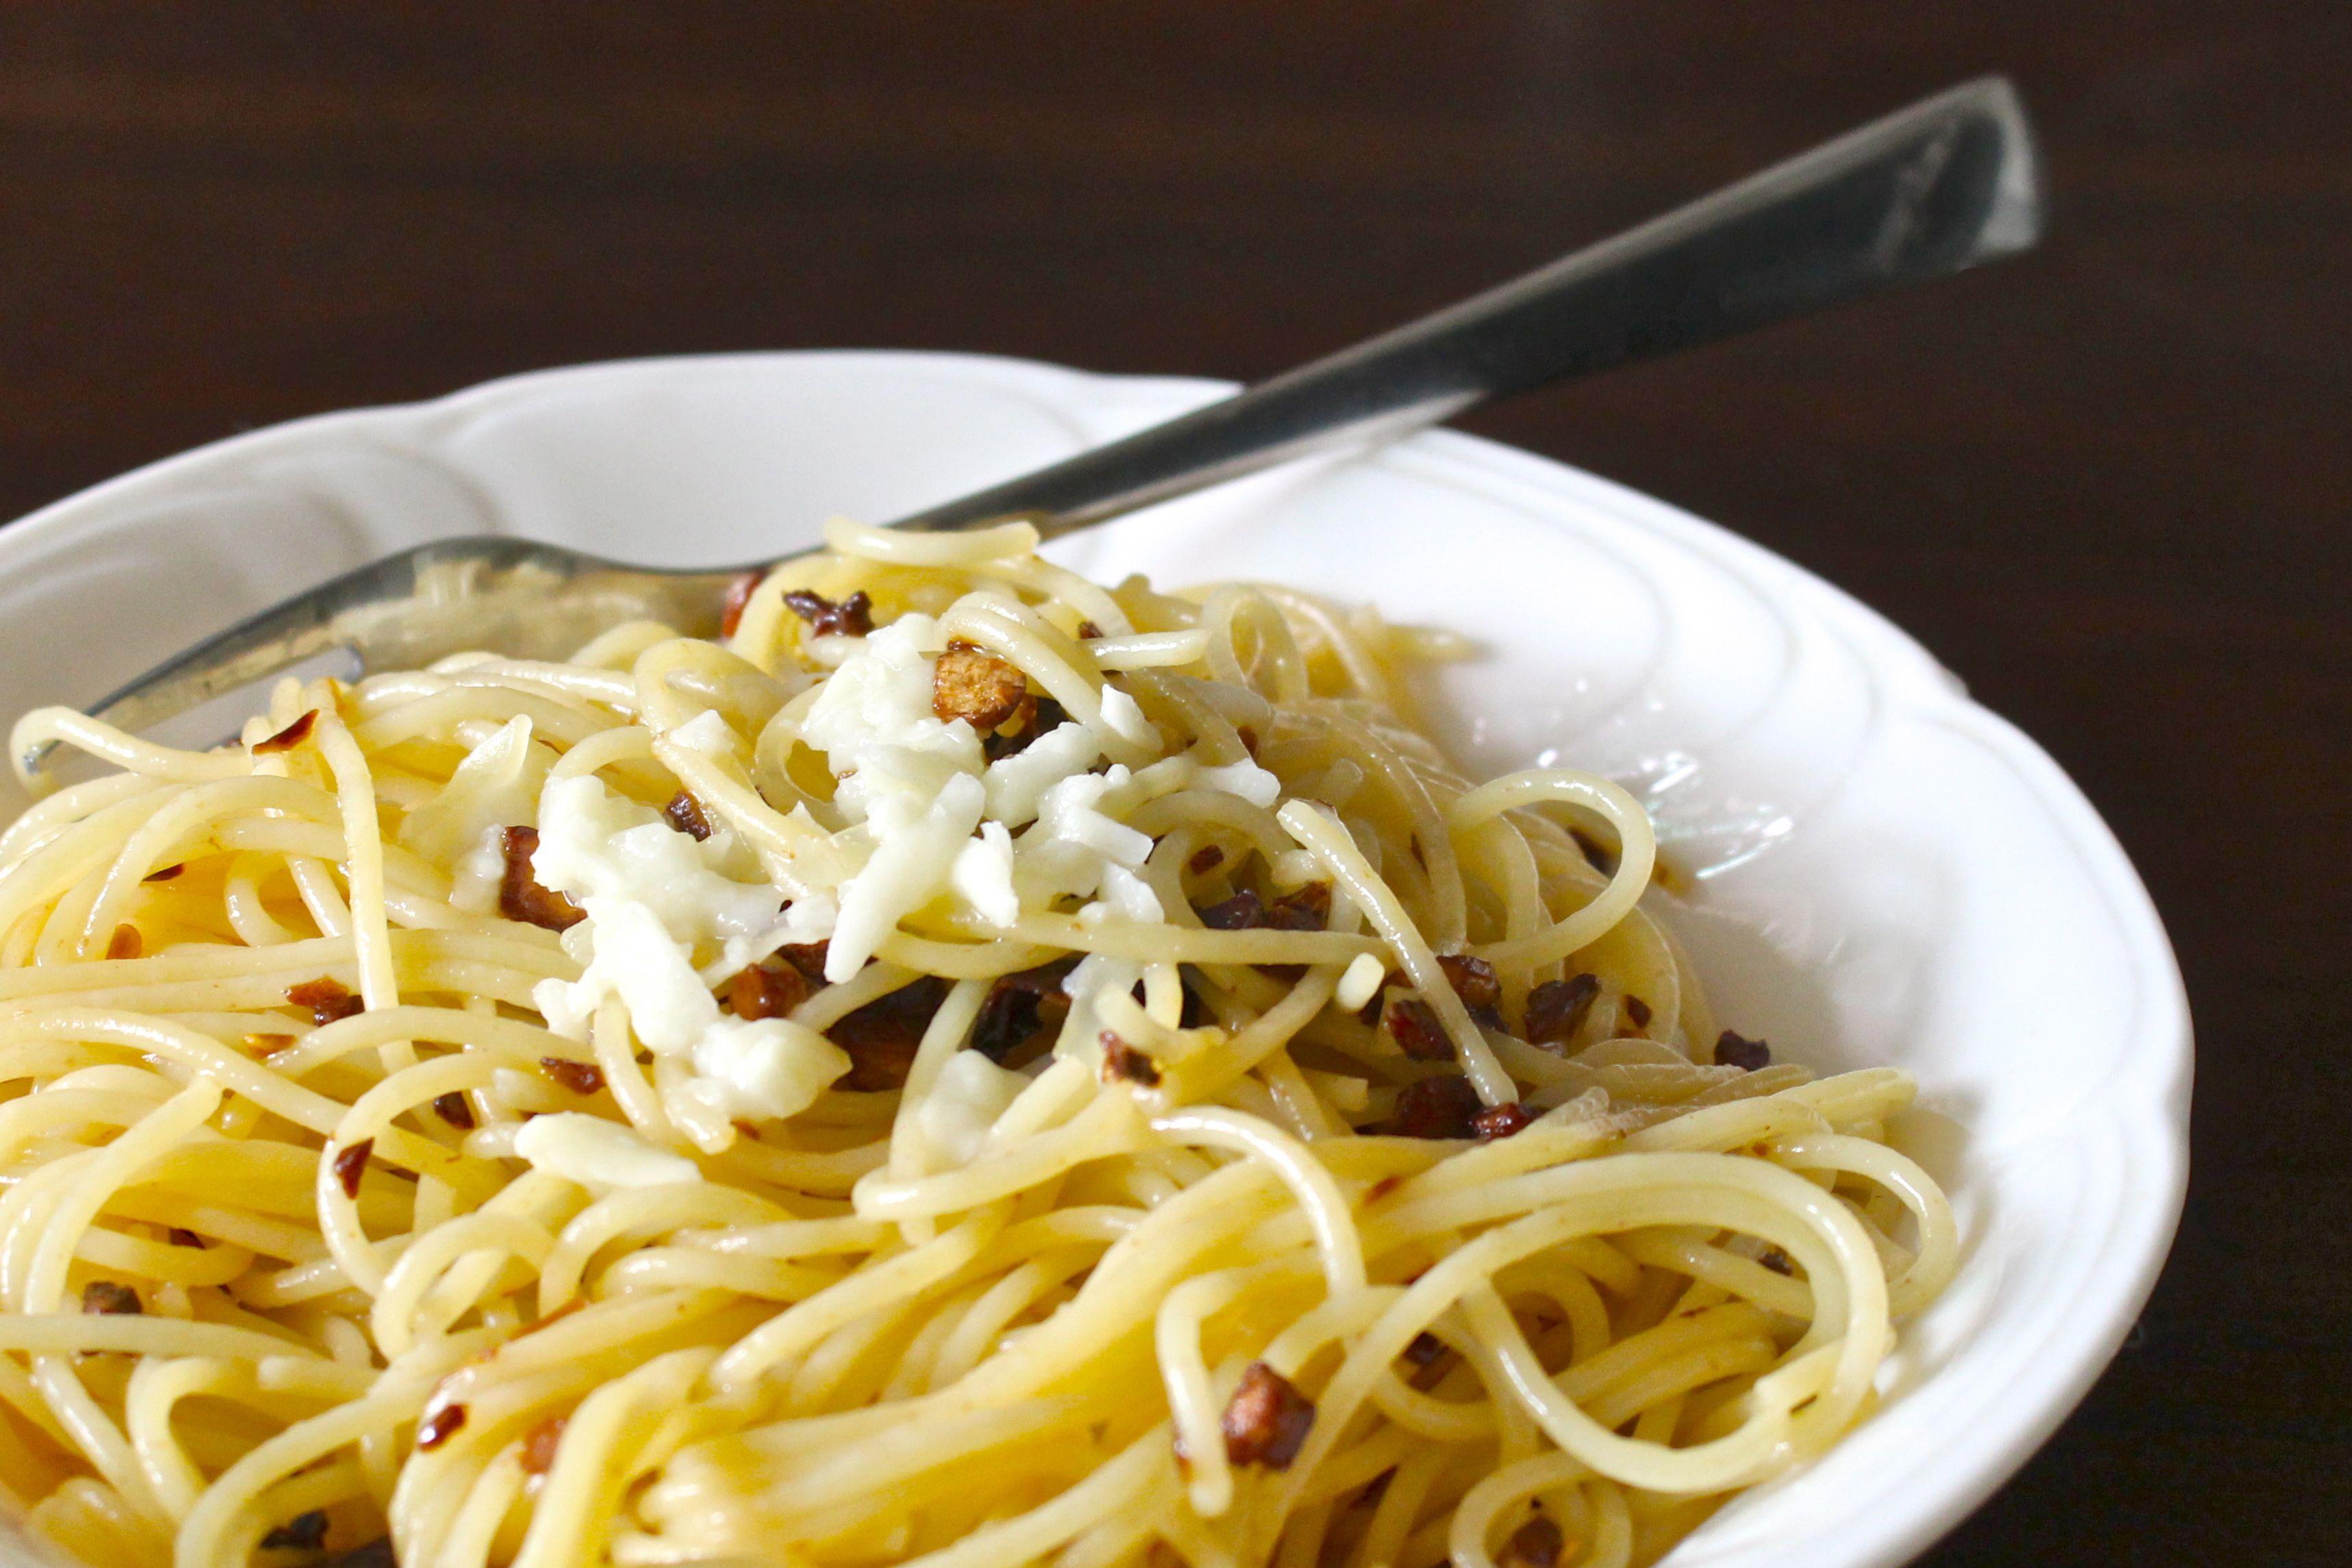 Picture of Spaghetti Aglio E Olio for One